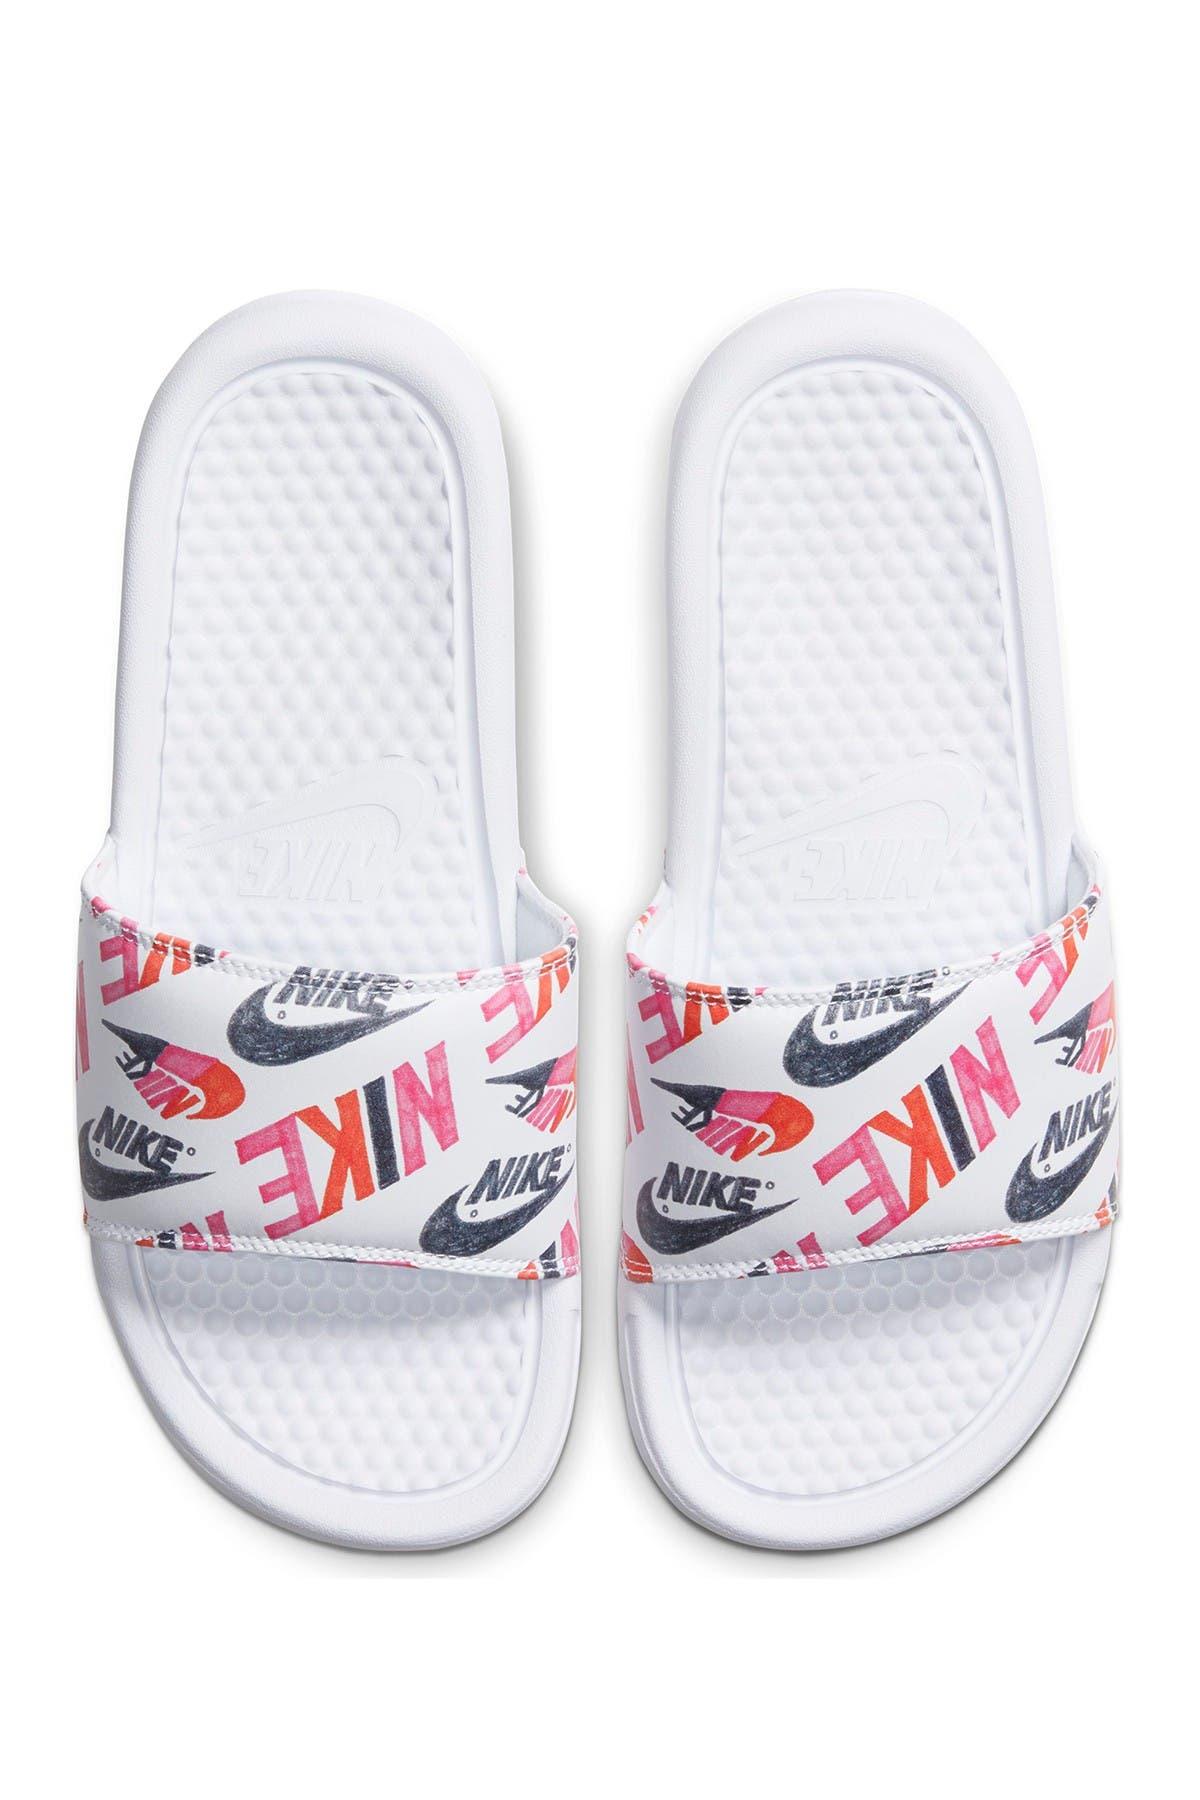 Nike Women's Slides | Nordstrom Rack